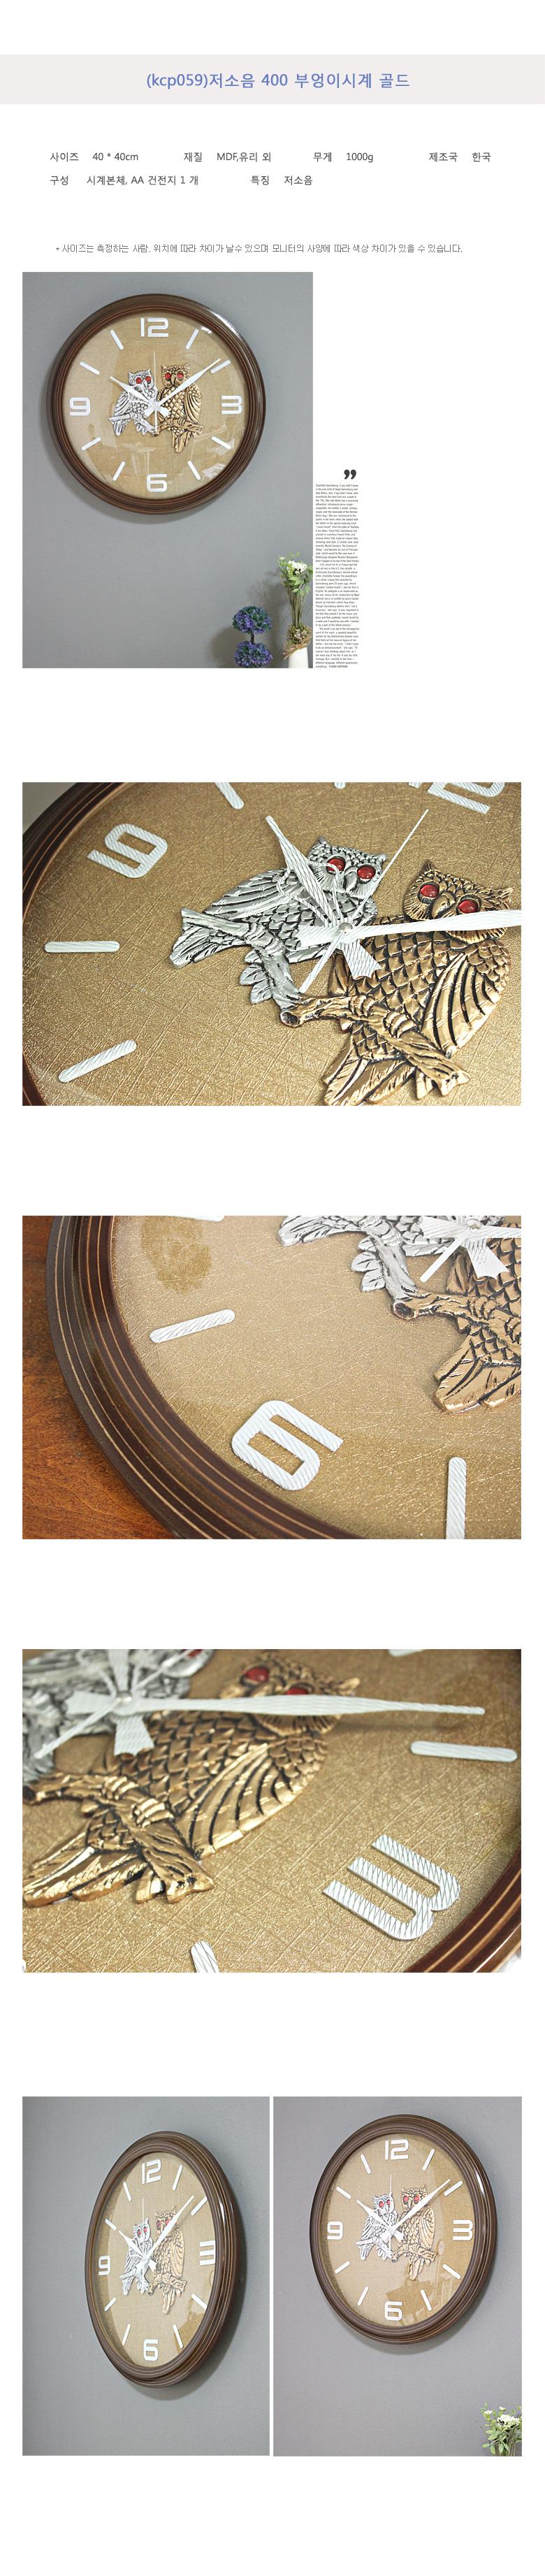 저소음 400 부엉이시계 골드 - 키다리, 39,000원, 알람/탁상시계, 디자인시계